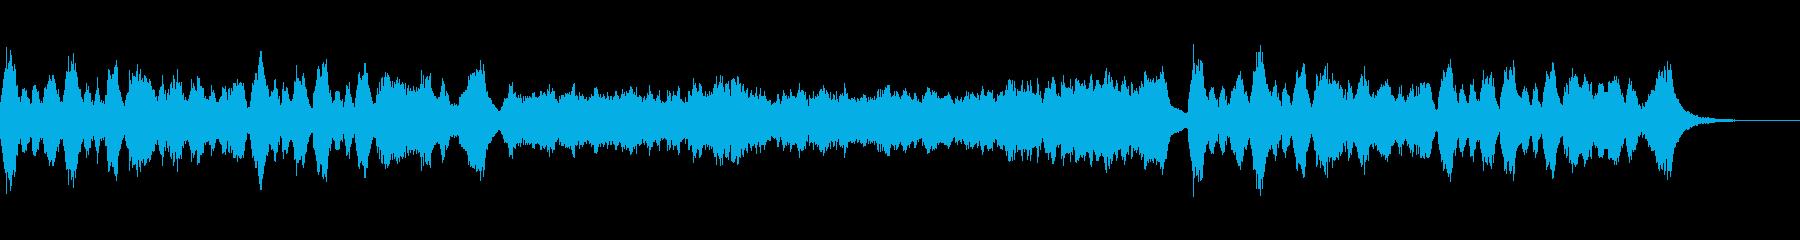 ファンタジーのお城や城下町の荘厳な曲の再生済みの波形